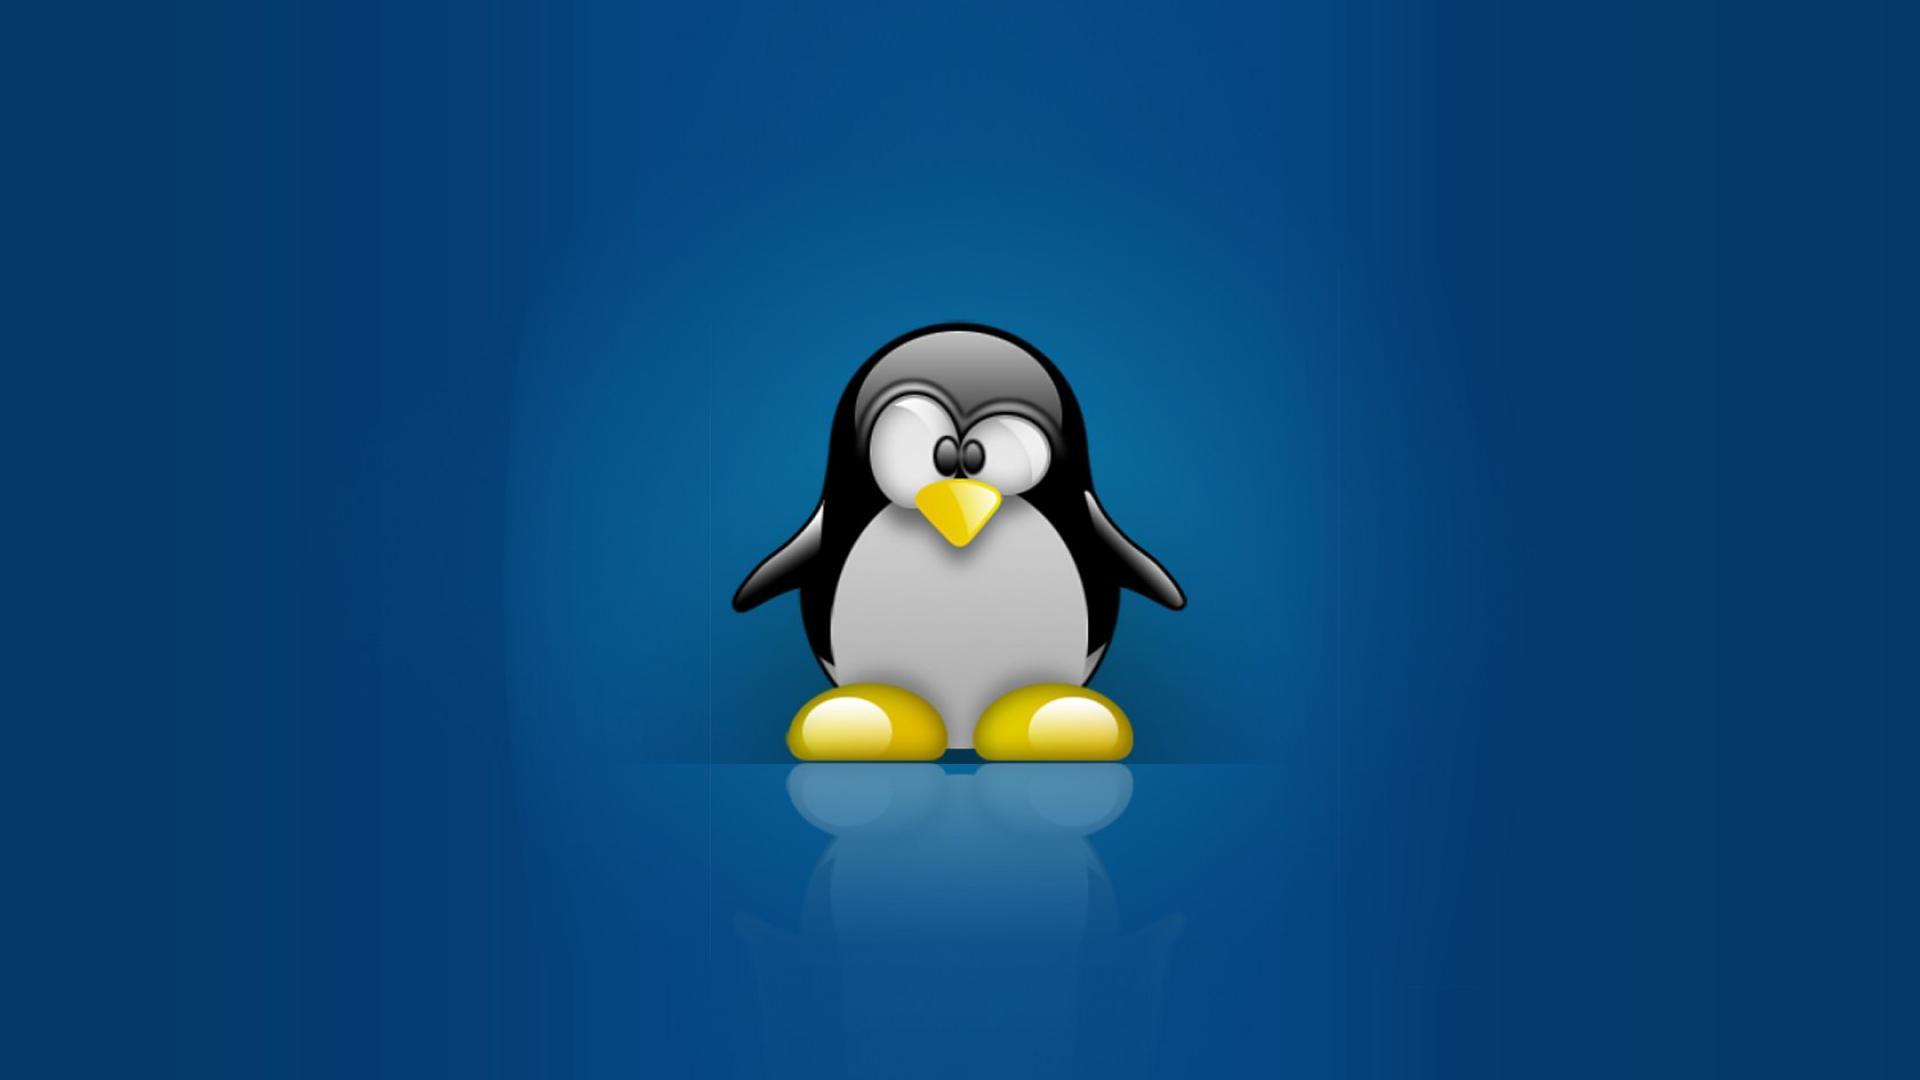 Linux Tux Penguins Computer Hd Wallpaper - Linux Penguin , HD Wallpaper & Backgrounds